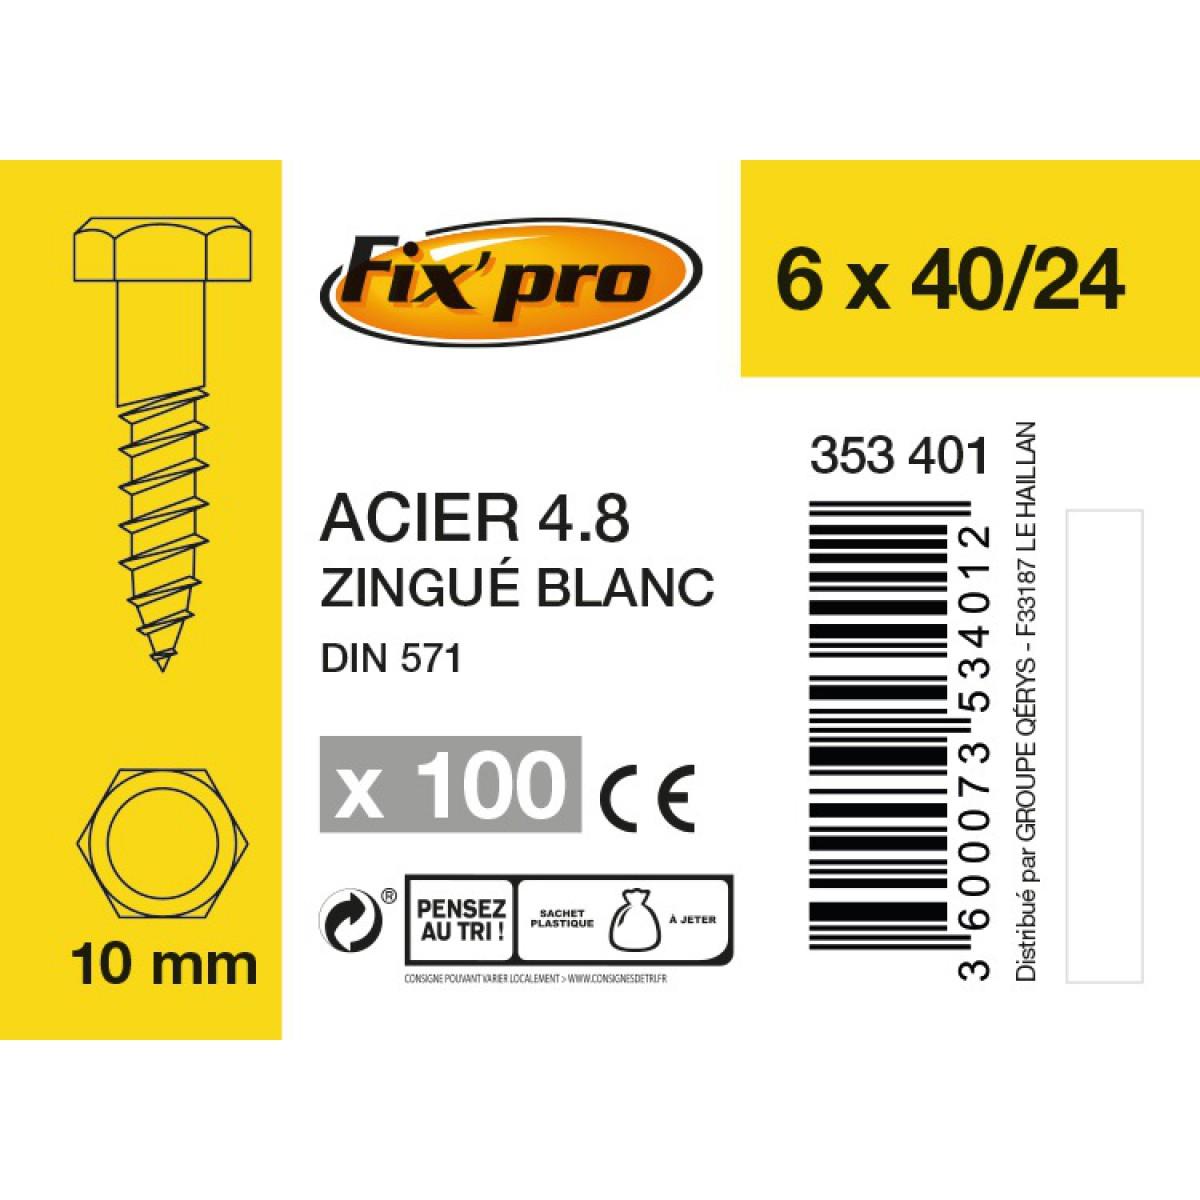 Tirefond tête hexagonale acier zingué - 6x40/24 - 100pces - Fixpro